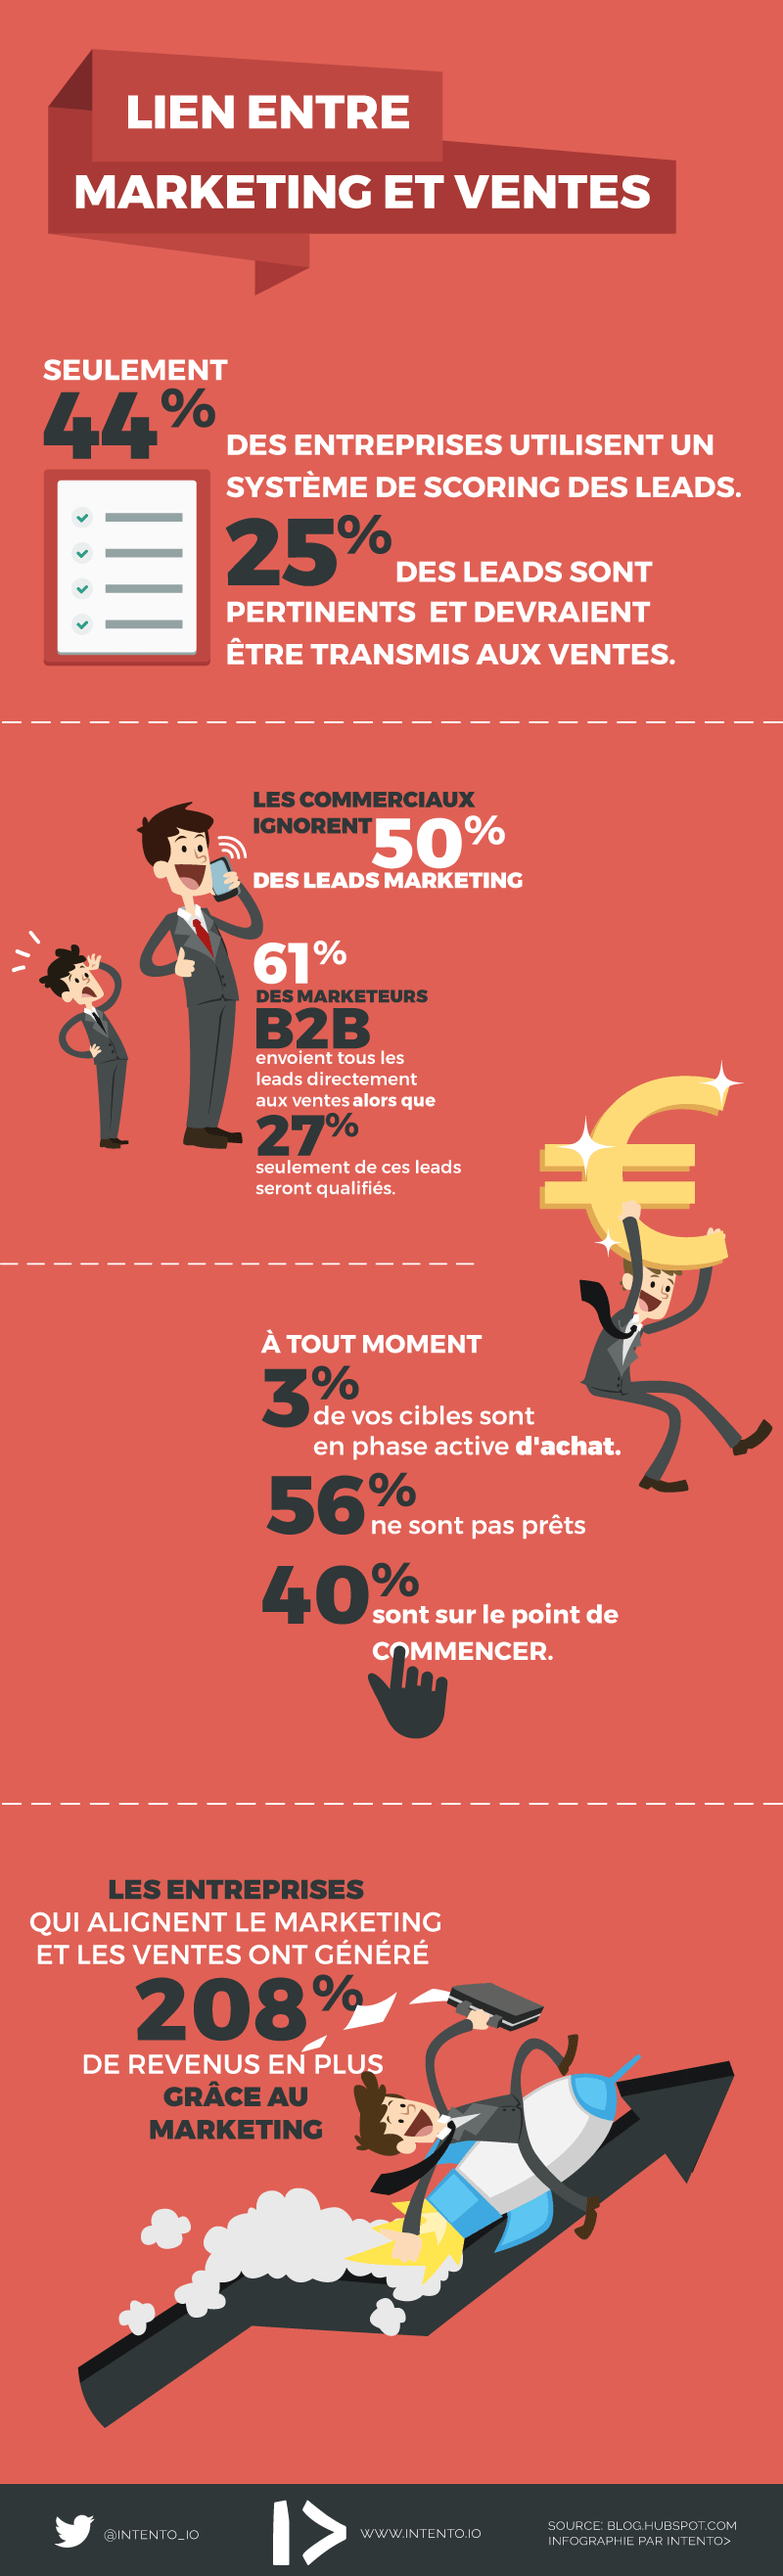 infographie marketing et ventes en chiffres